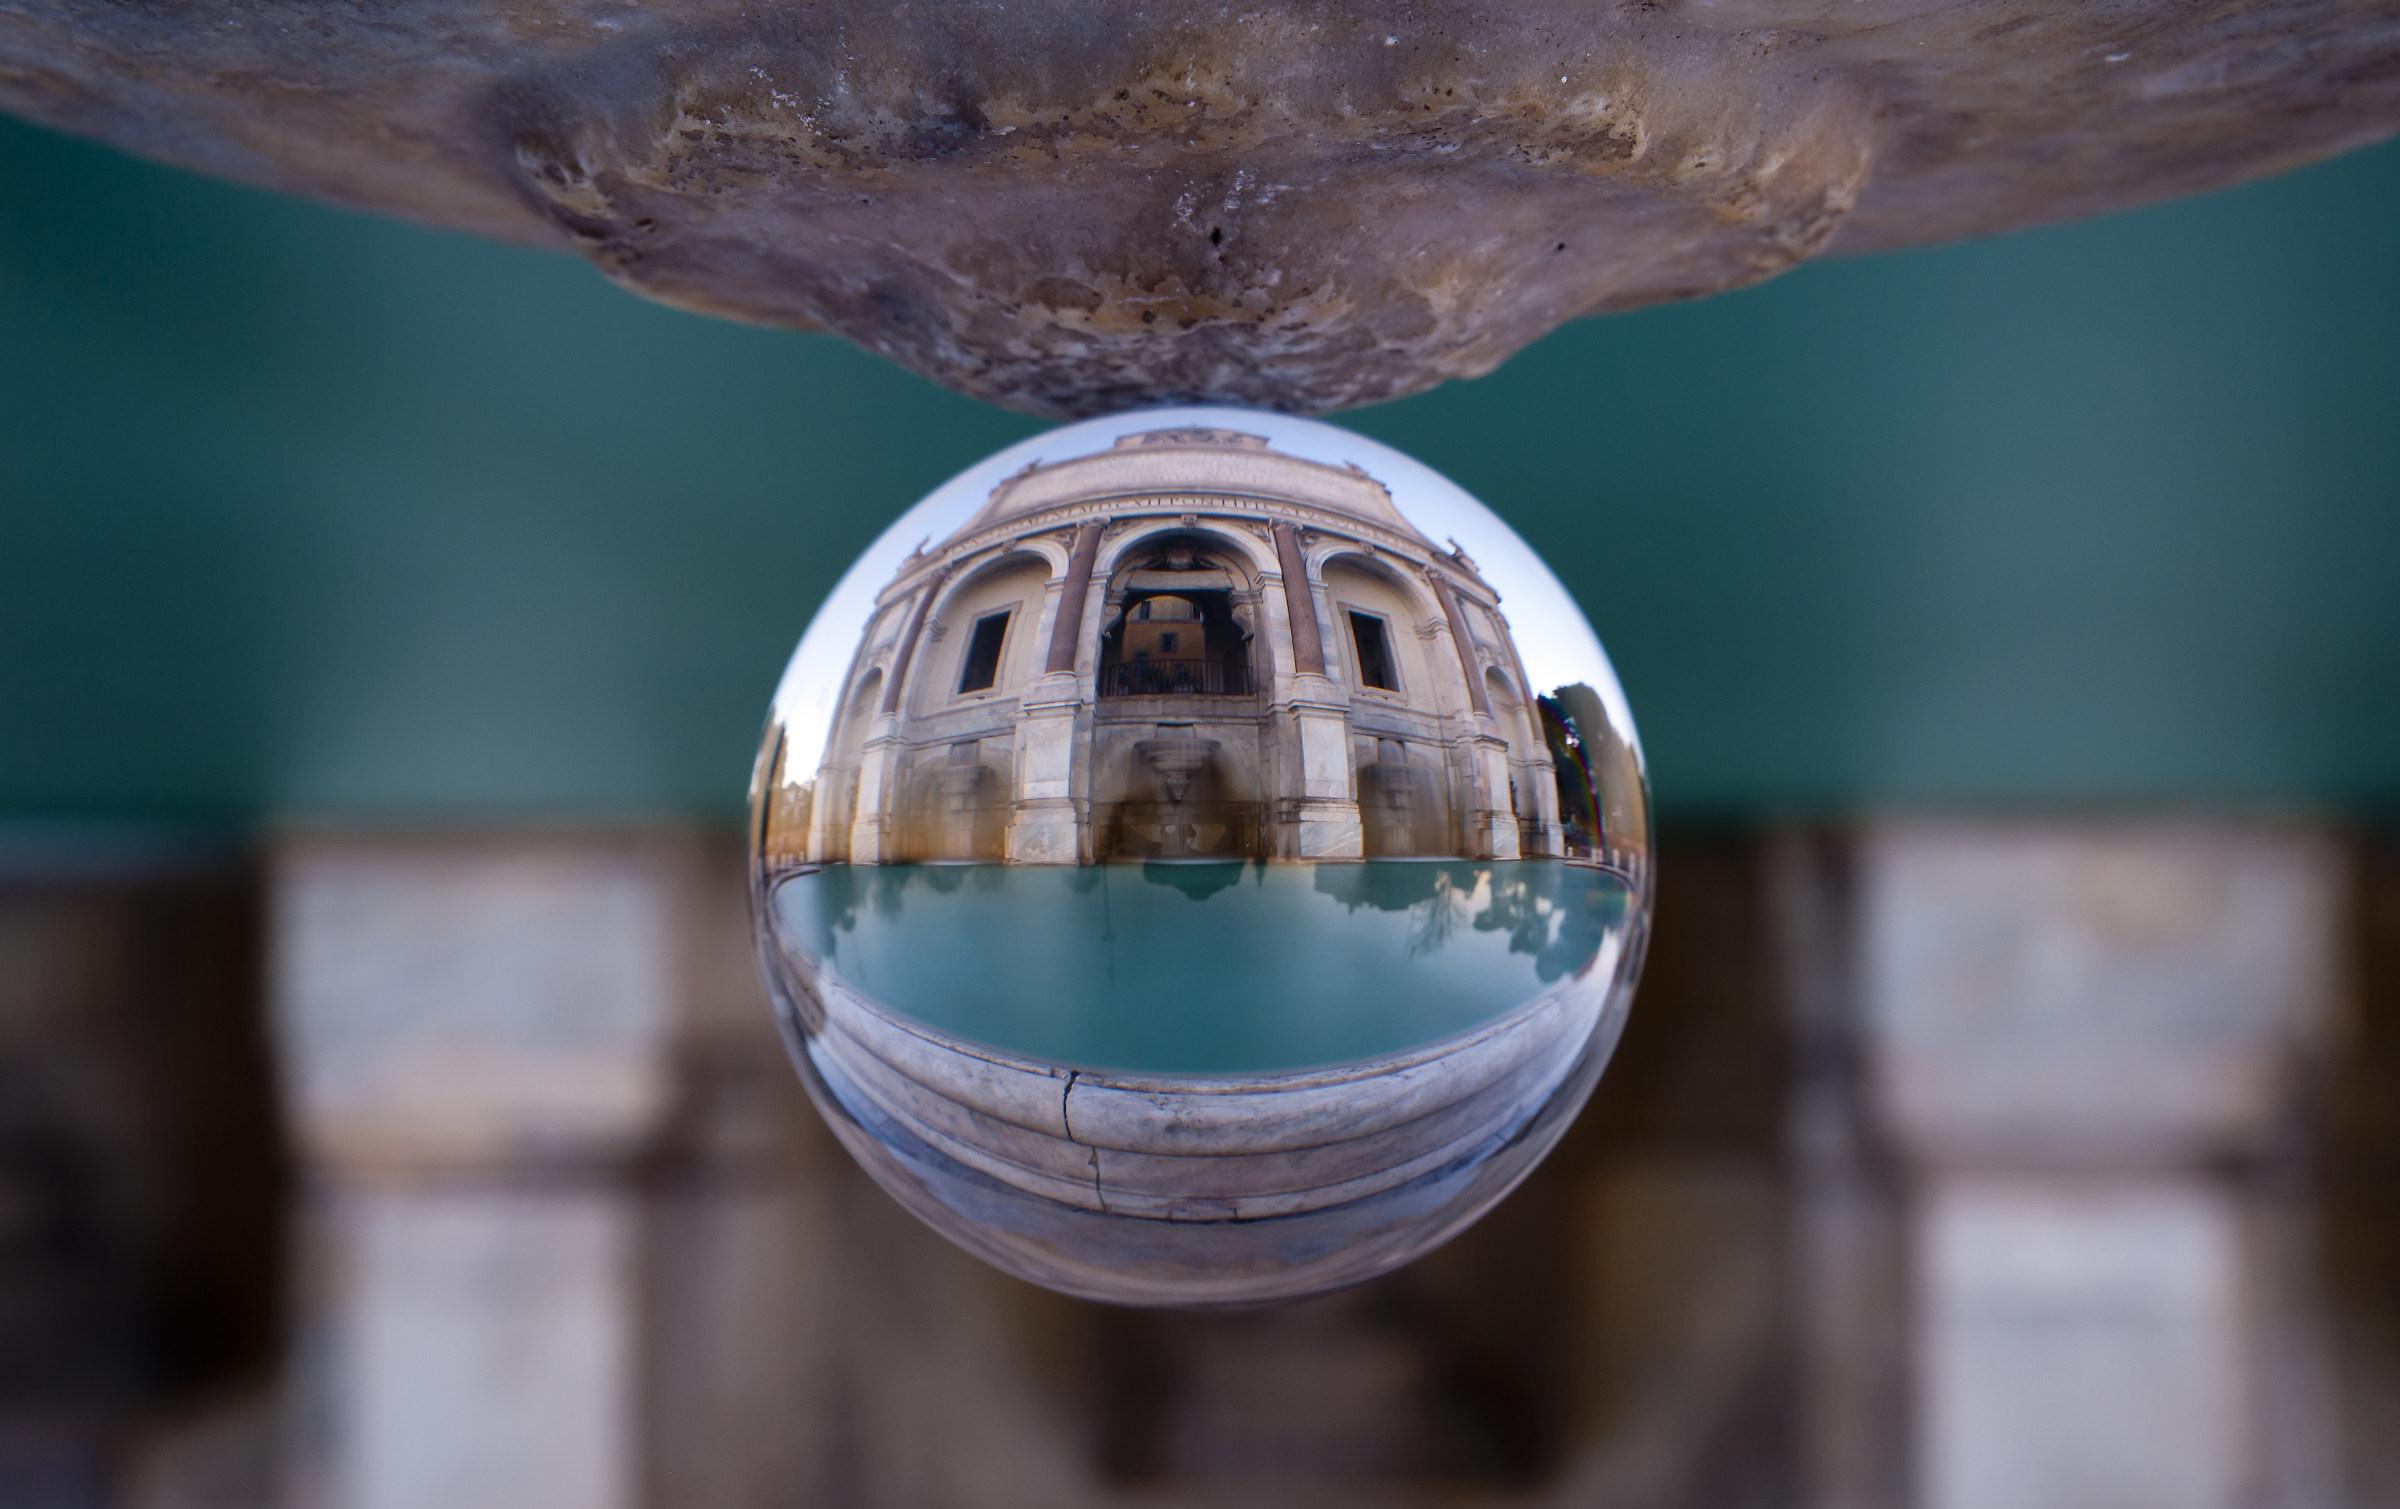 fontanone del gianicolo...